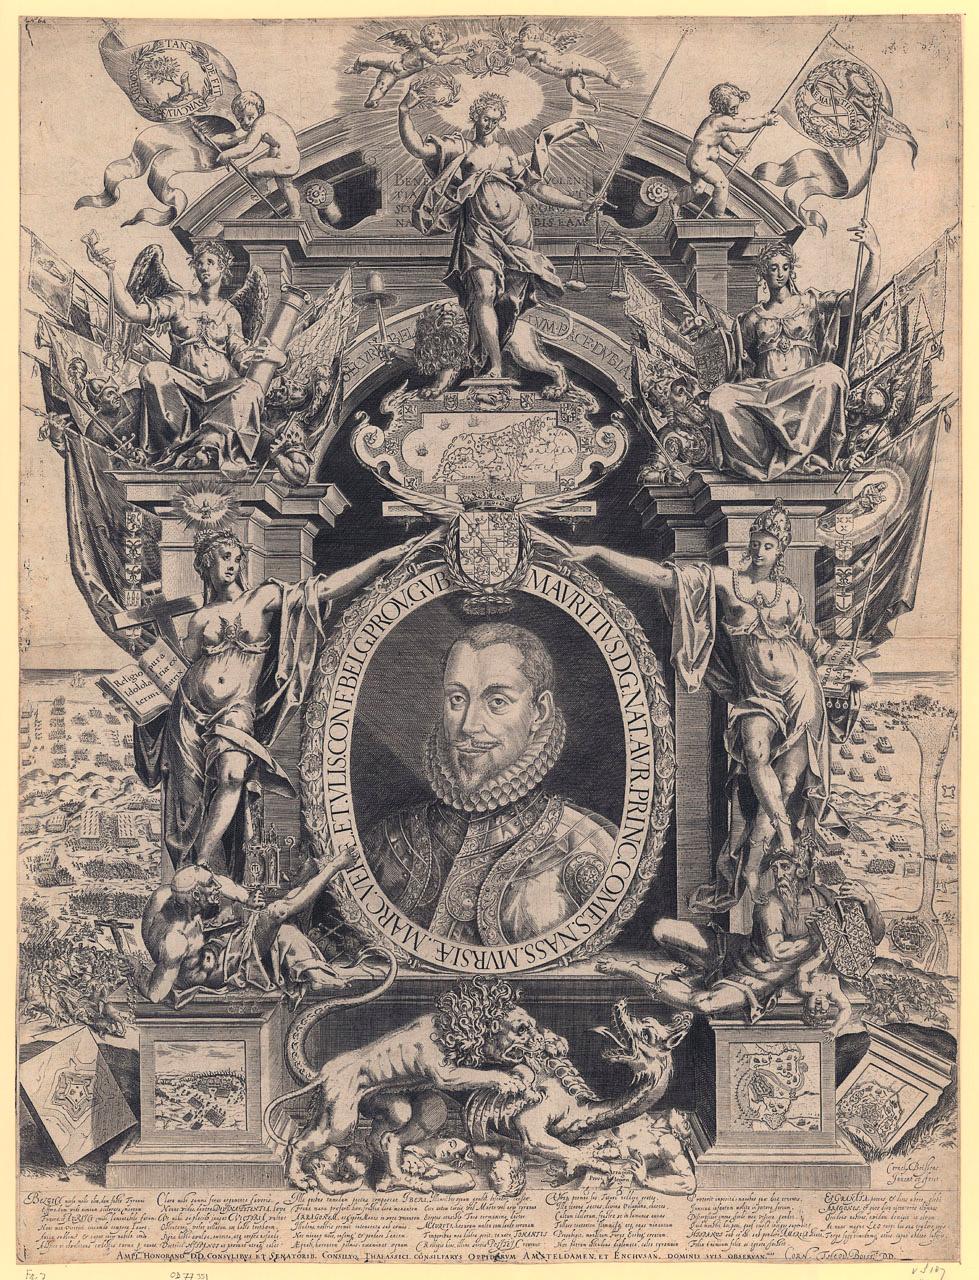 """Uit de collectie van het Rijksmuseum een  portret van Maurits met op de achtregrond en op de sokkels beelden van veldslagen, """"graaf van Nassau, prins van Oranje, in een allegorische omlijsting. Aan weerszijden van het portret Ware Religie die triomfeert over de Katholieke Kerk en Vrijheid die Tirannie of Geweld vertrapt. Boven andere zegevierende allegorische figuren."""""""